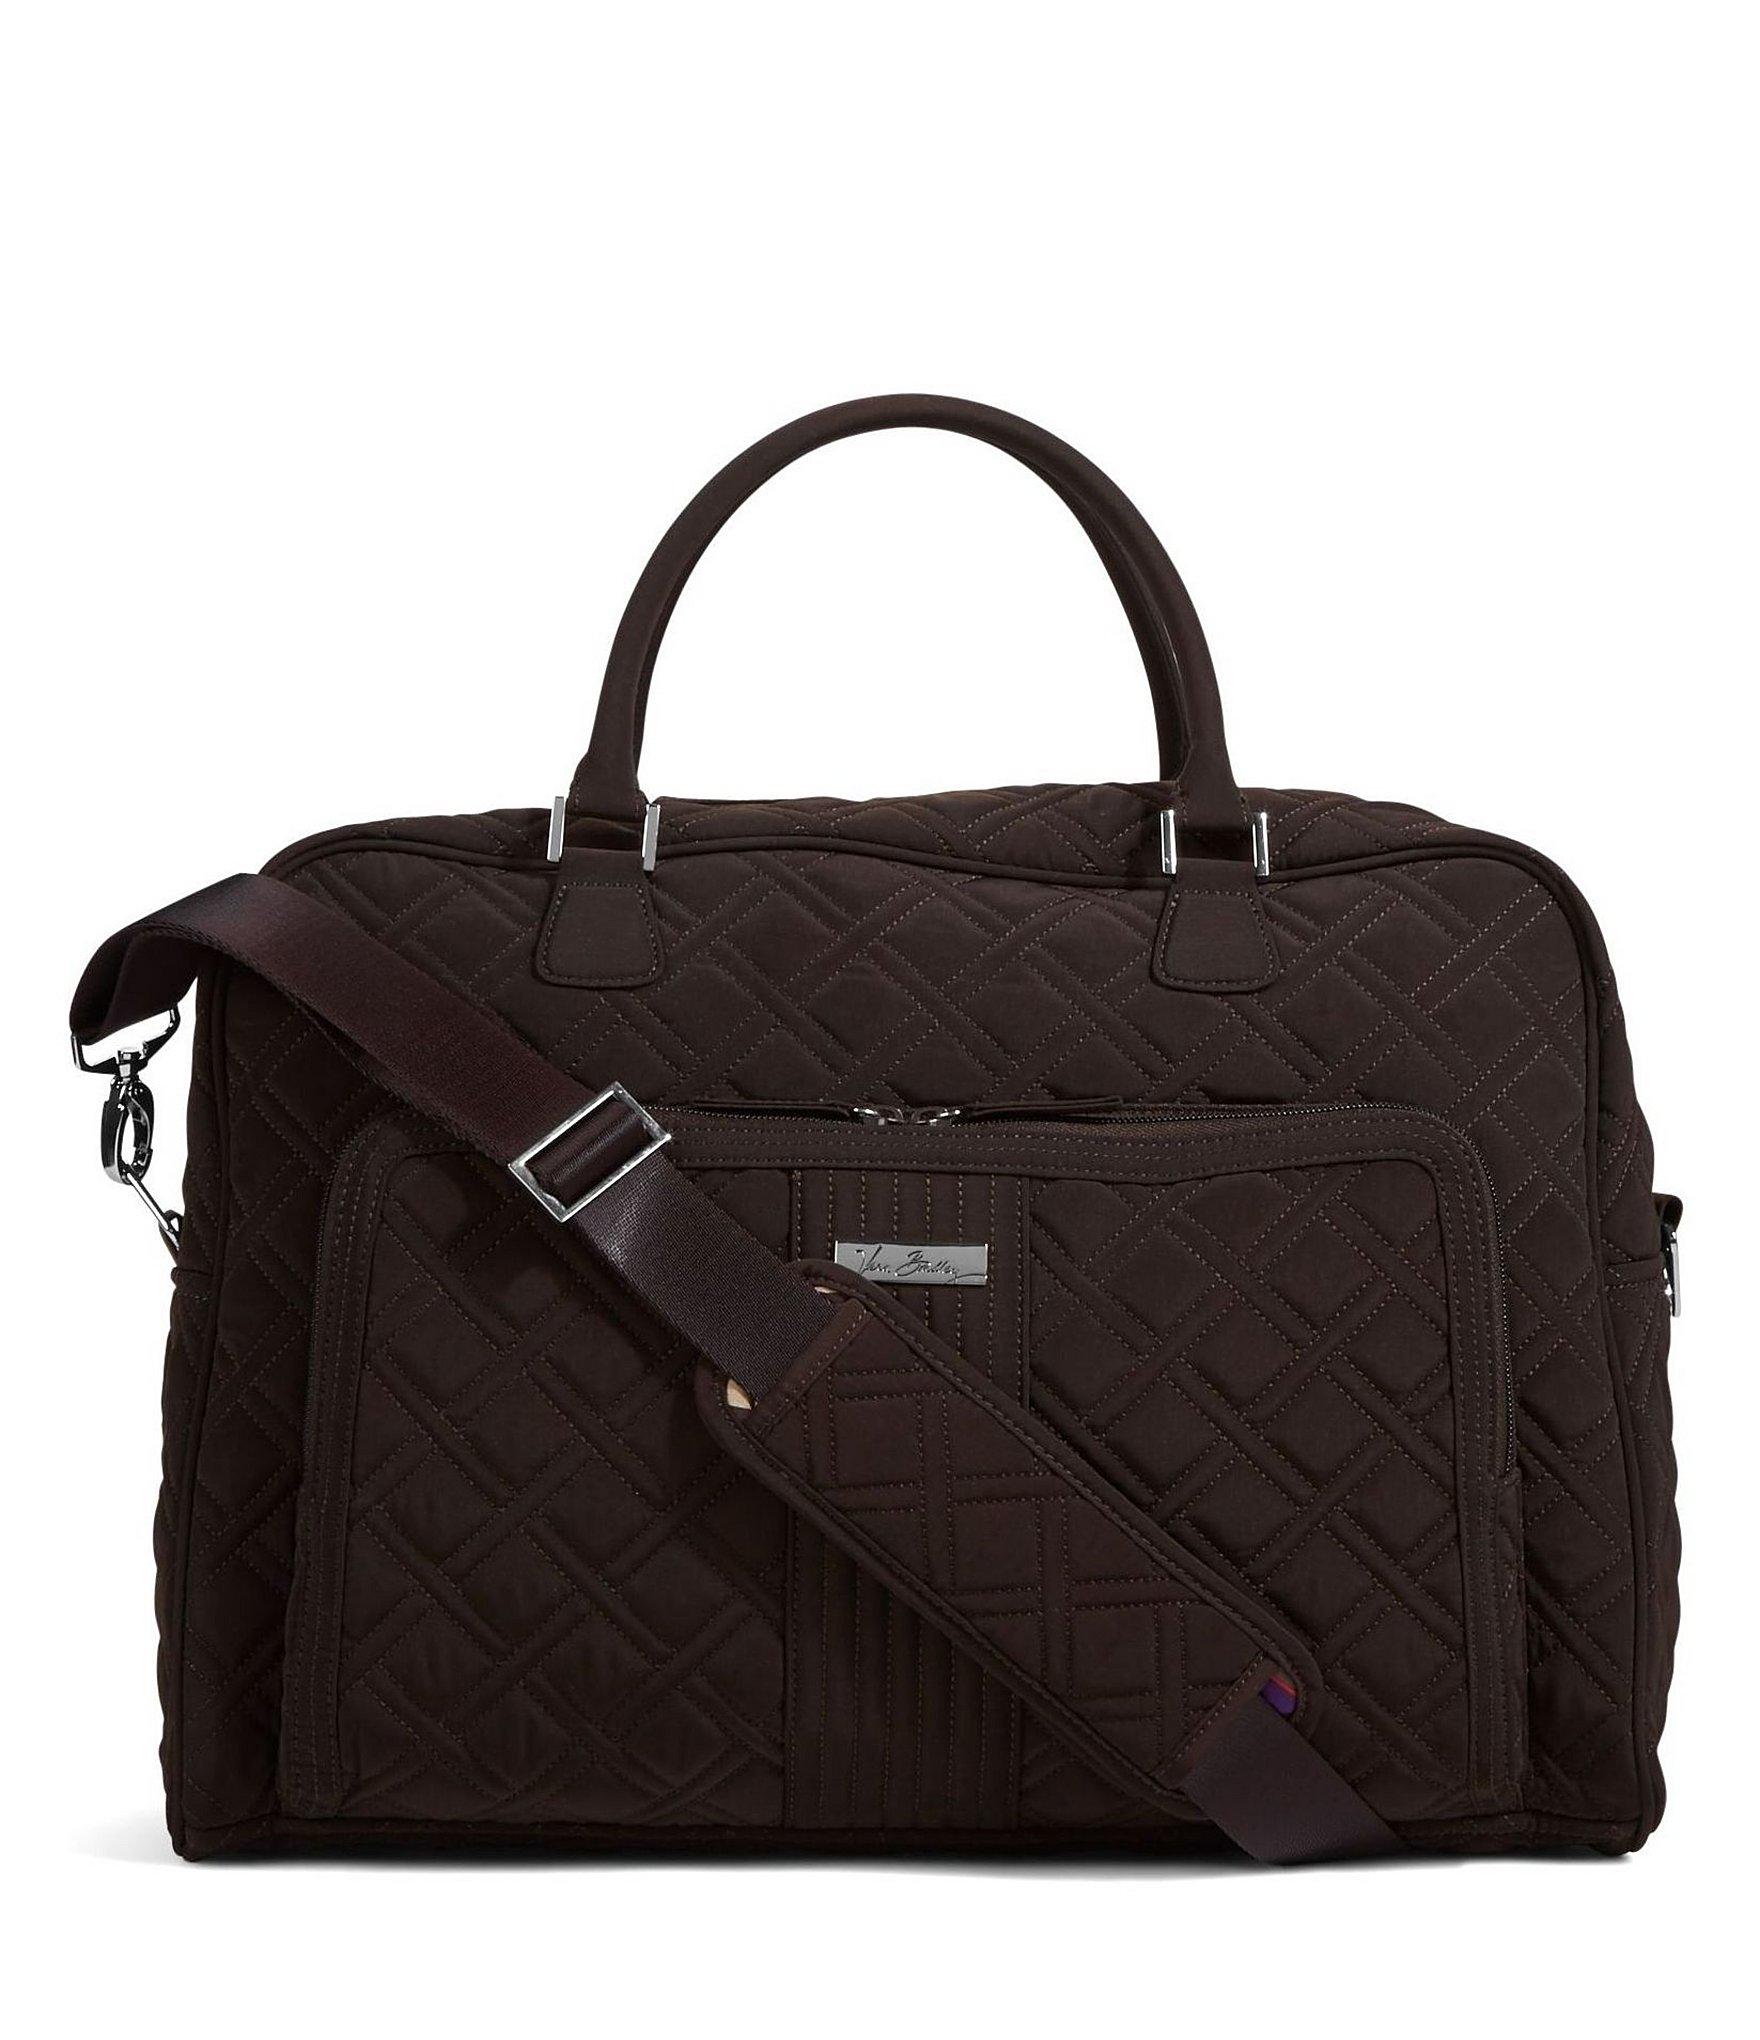 vera bradley quilted weekender travel bag in brown lyst